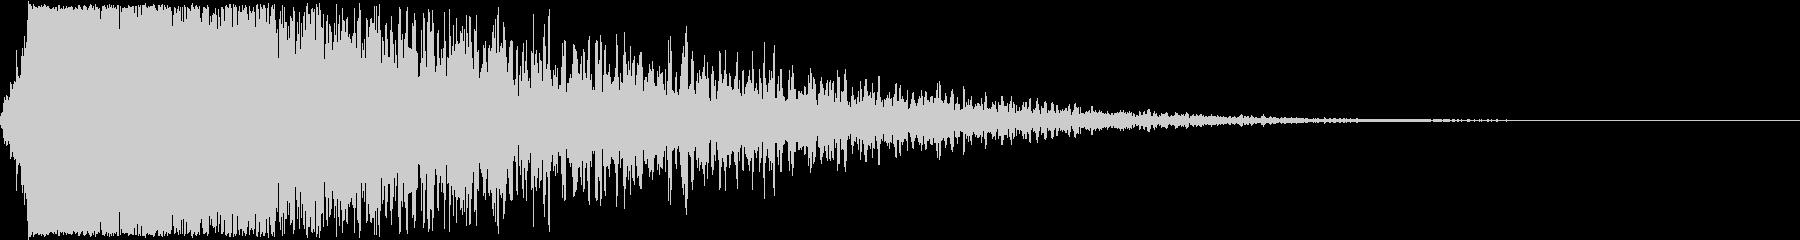 テレビ番組・CMイメージテロップ音Bの未再生の波形